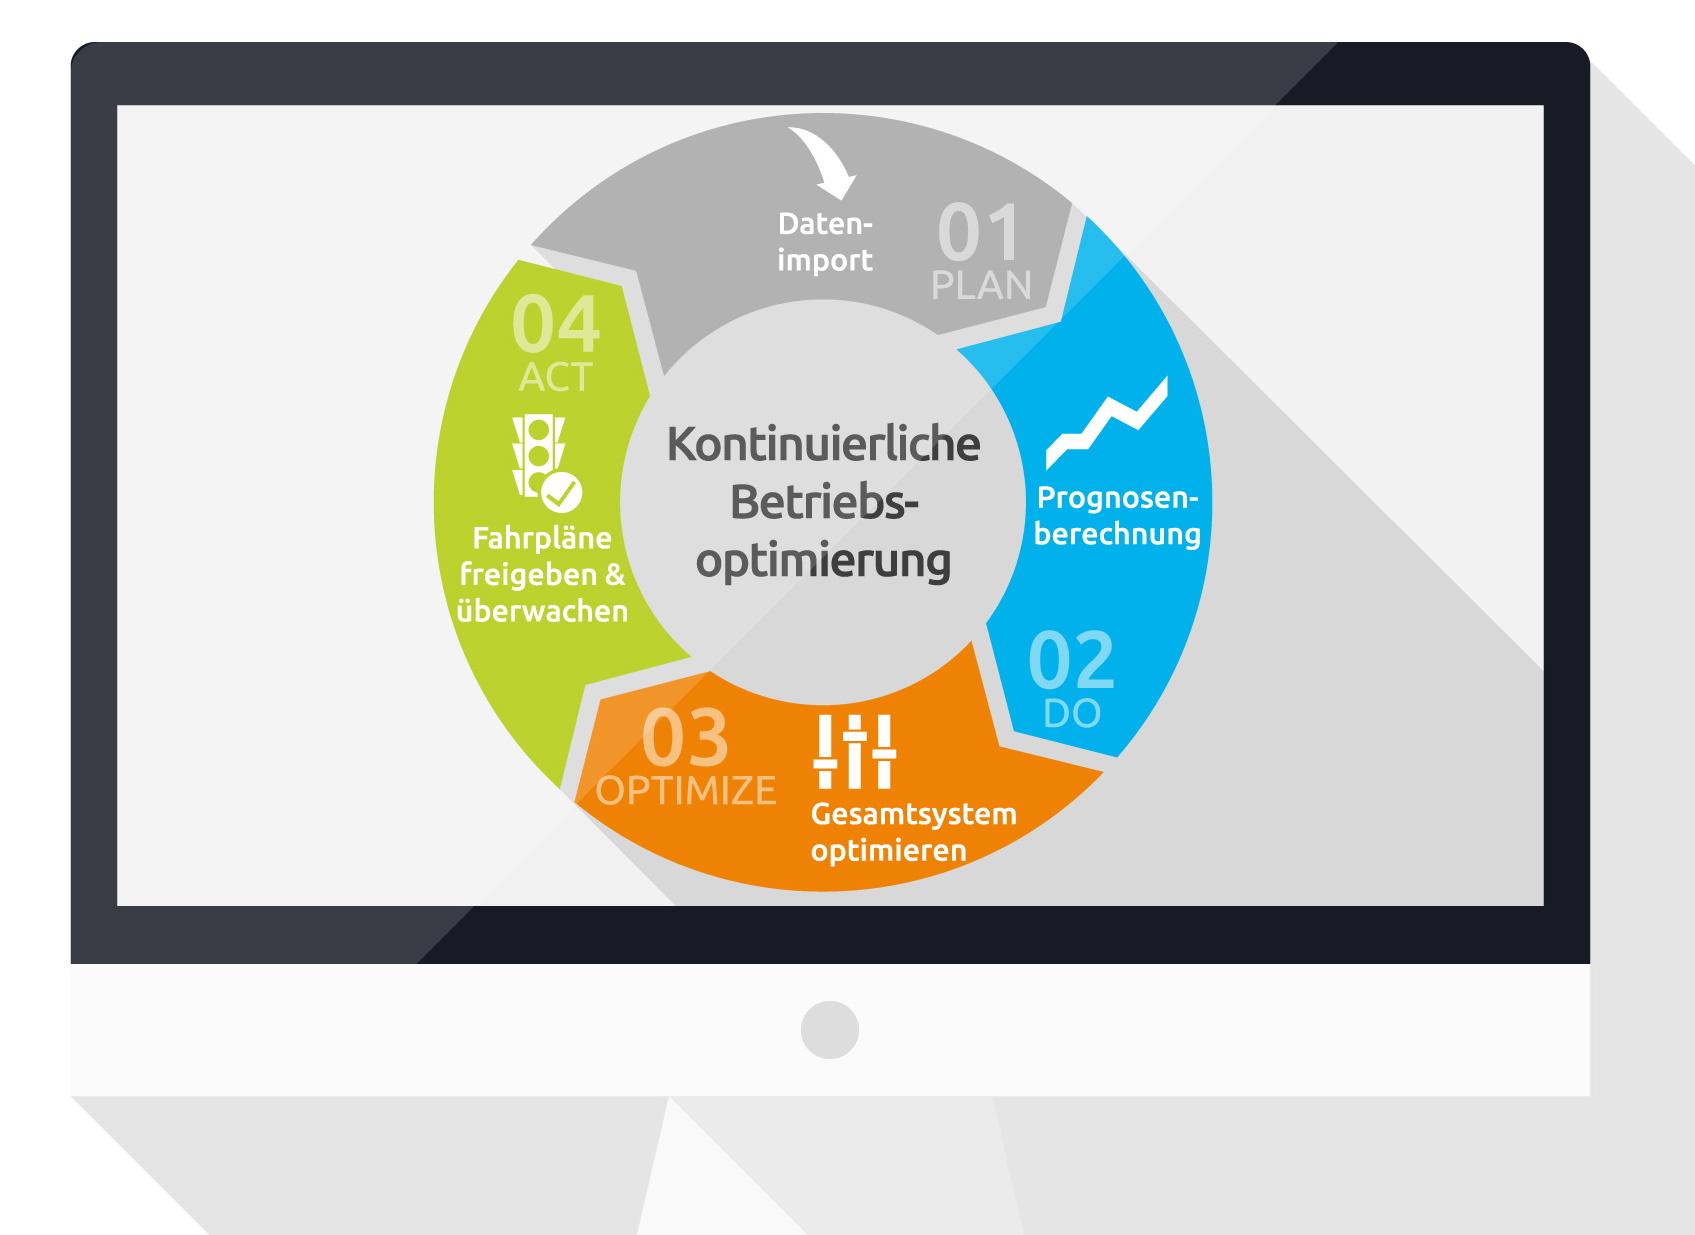 Plan - Do - Optimize - Act. Kontinuierliche Betriebsoptimierung Zyklus